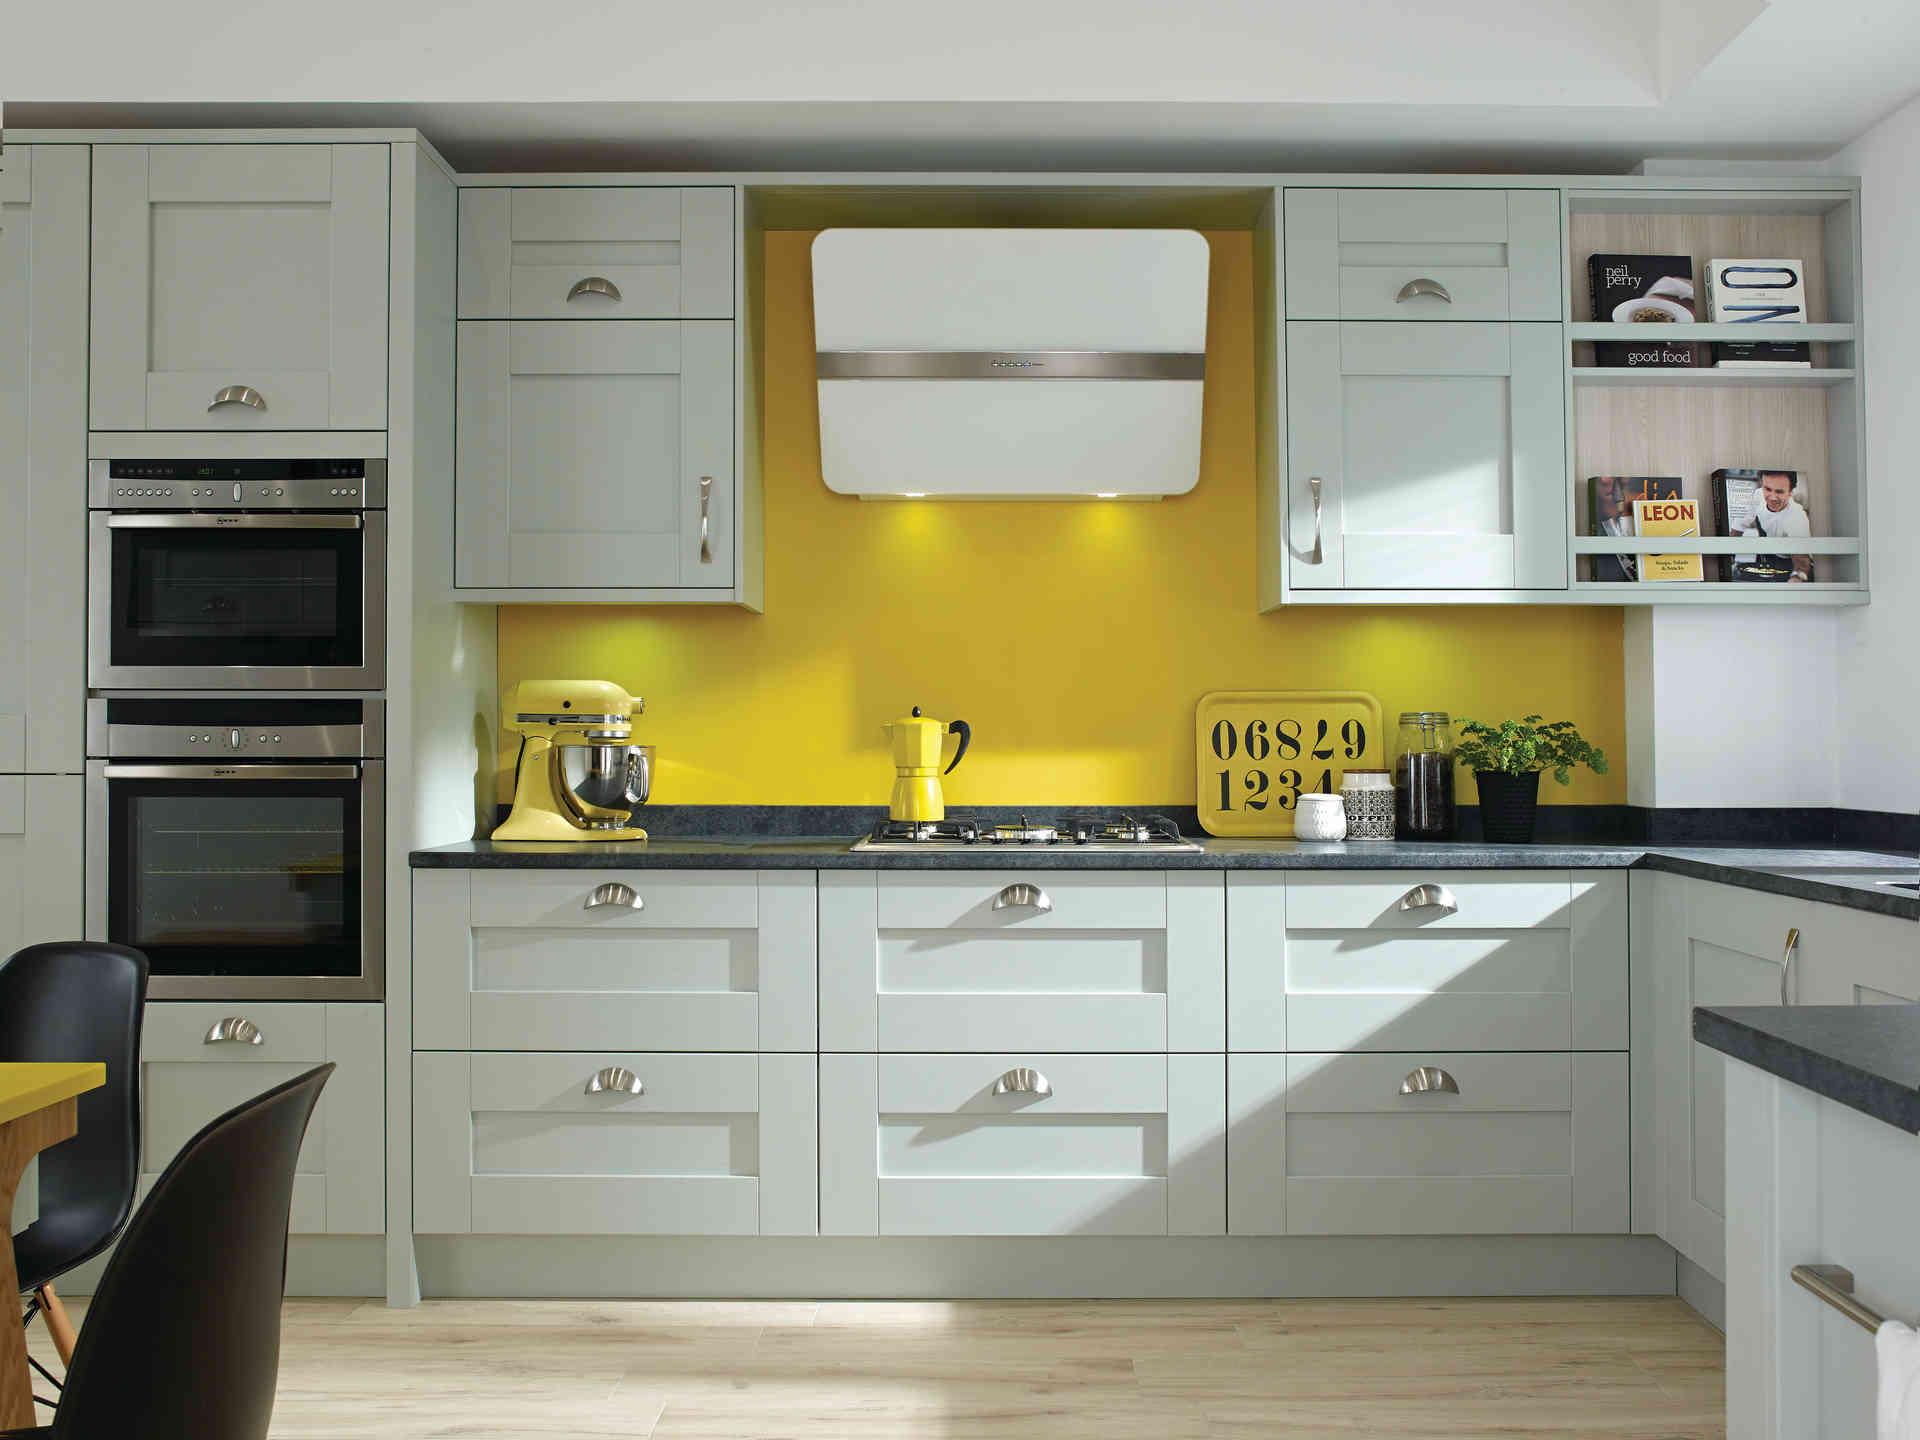 Milbourne kitchen Partridge Grey